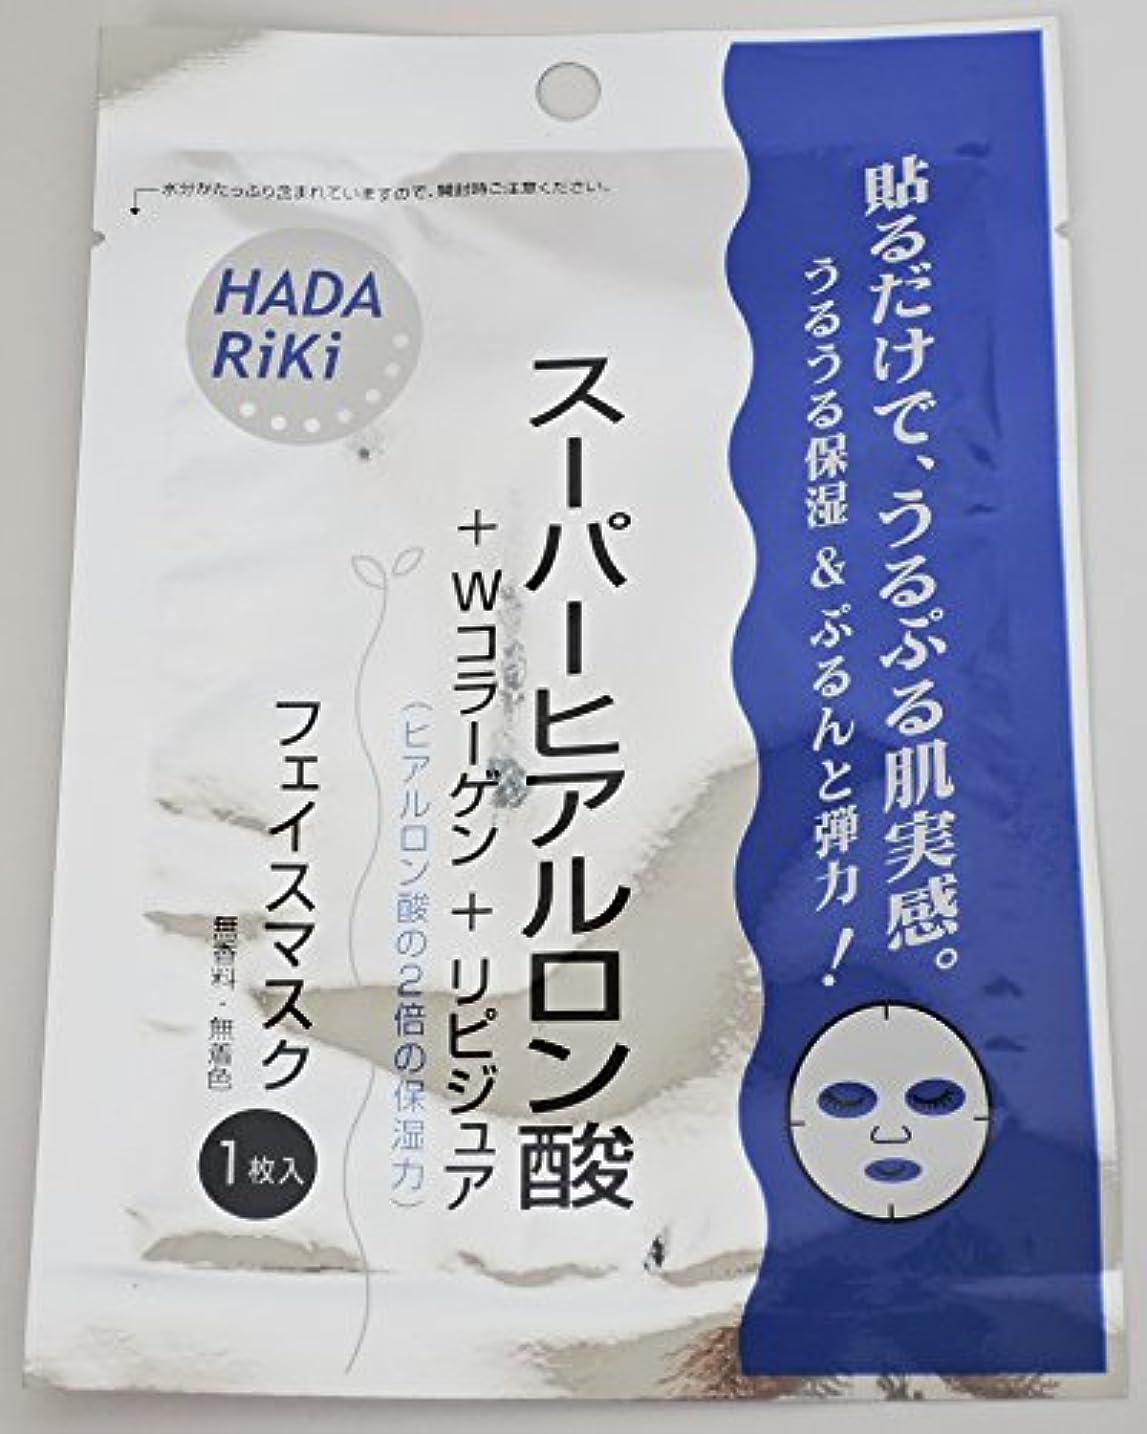 カテナレザー交通HADA RiKi スーパーヒアルロン酸+Wコラーゲン+リピジュア フェイスマスク 20ml